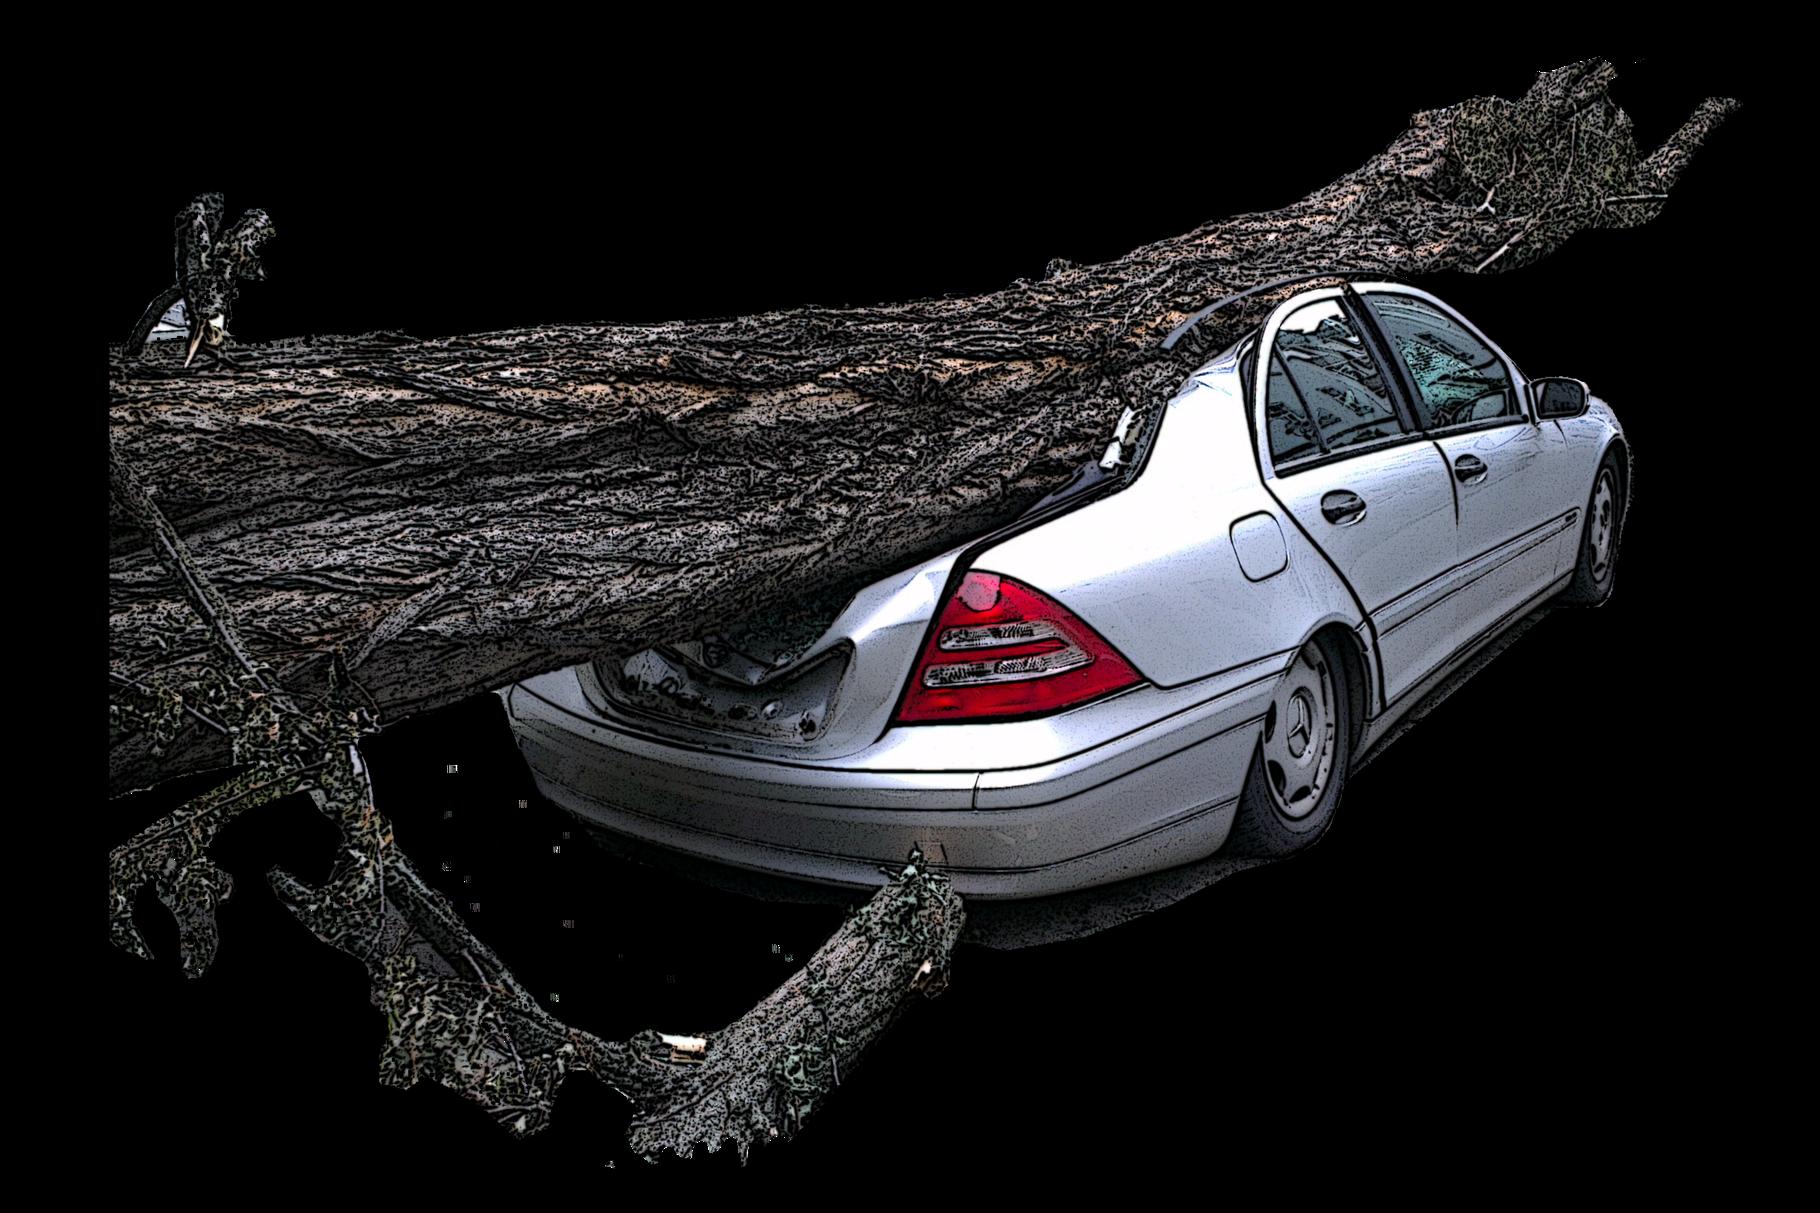 Unfall Kasko, Sturmschaden, Baum, Auto, PKW